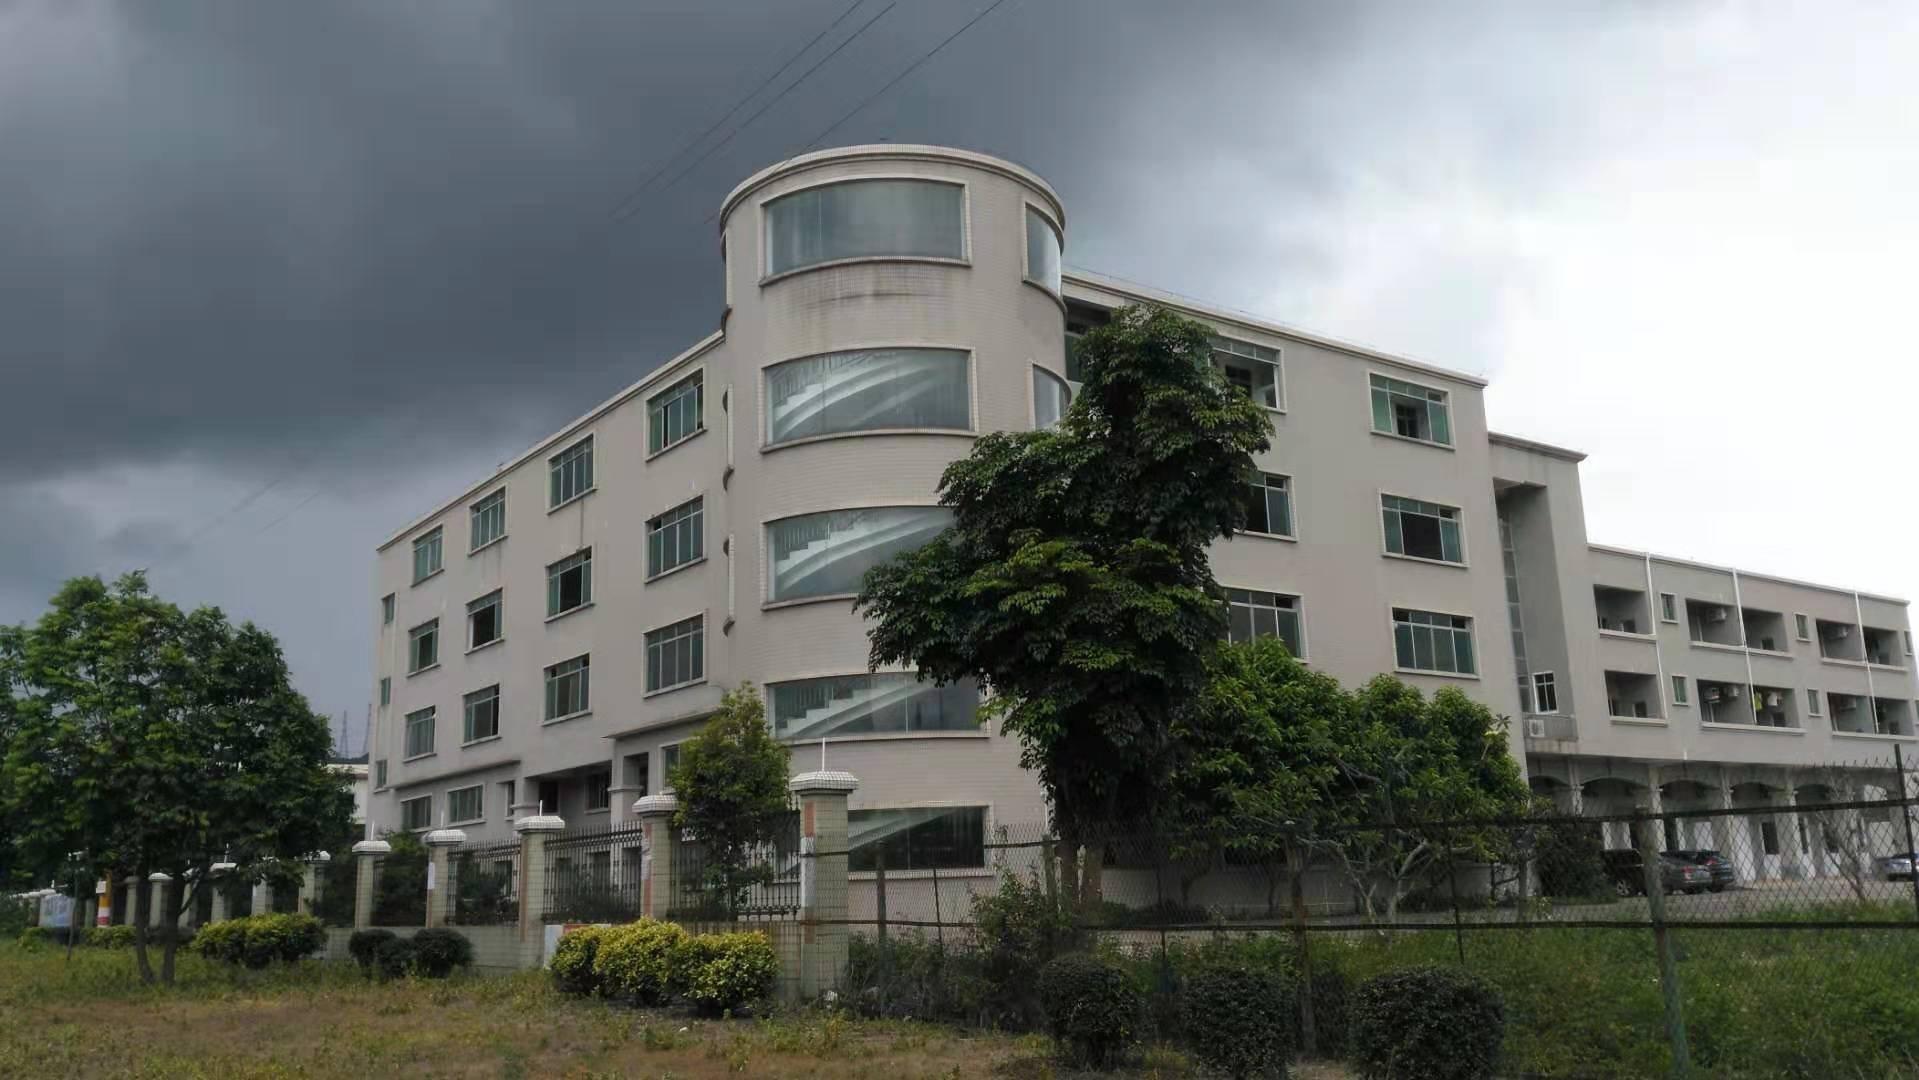 惠阳区镇隆买地送厂房占地面积:27807m²送1万平方厂房